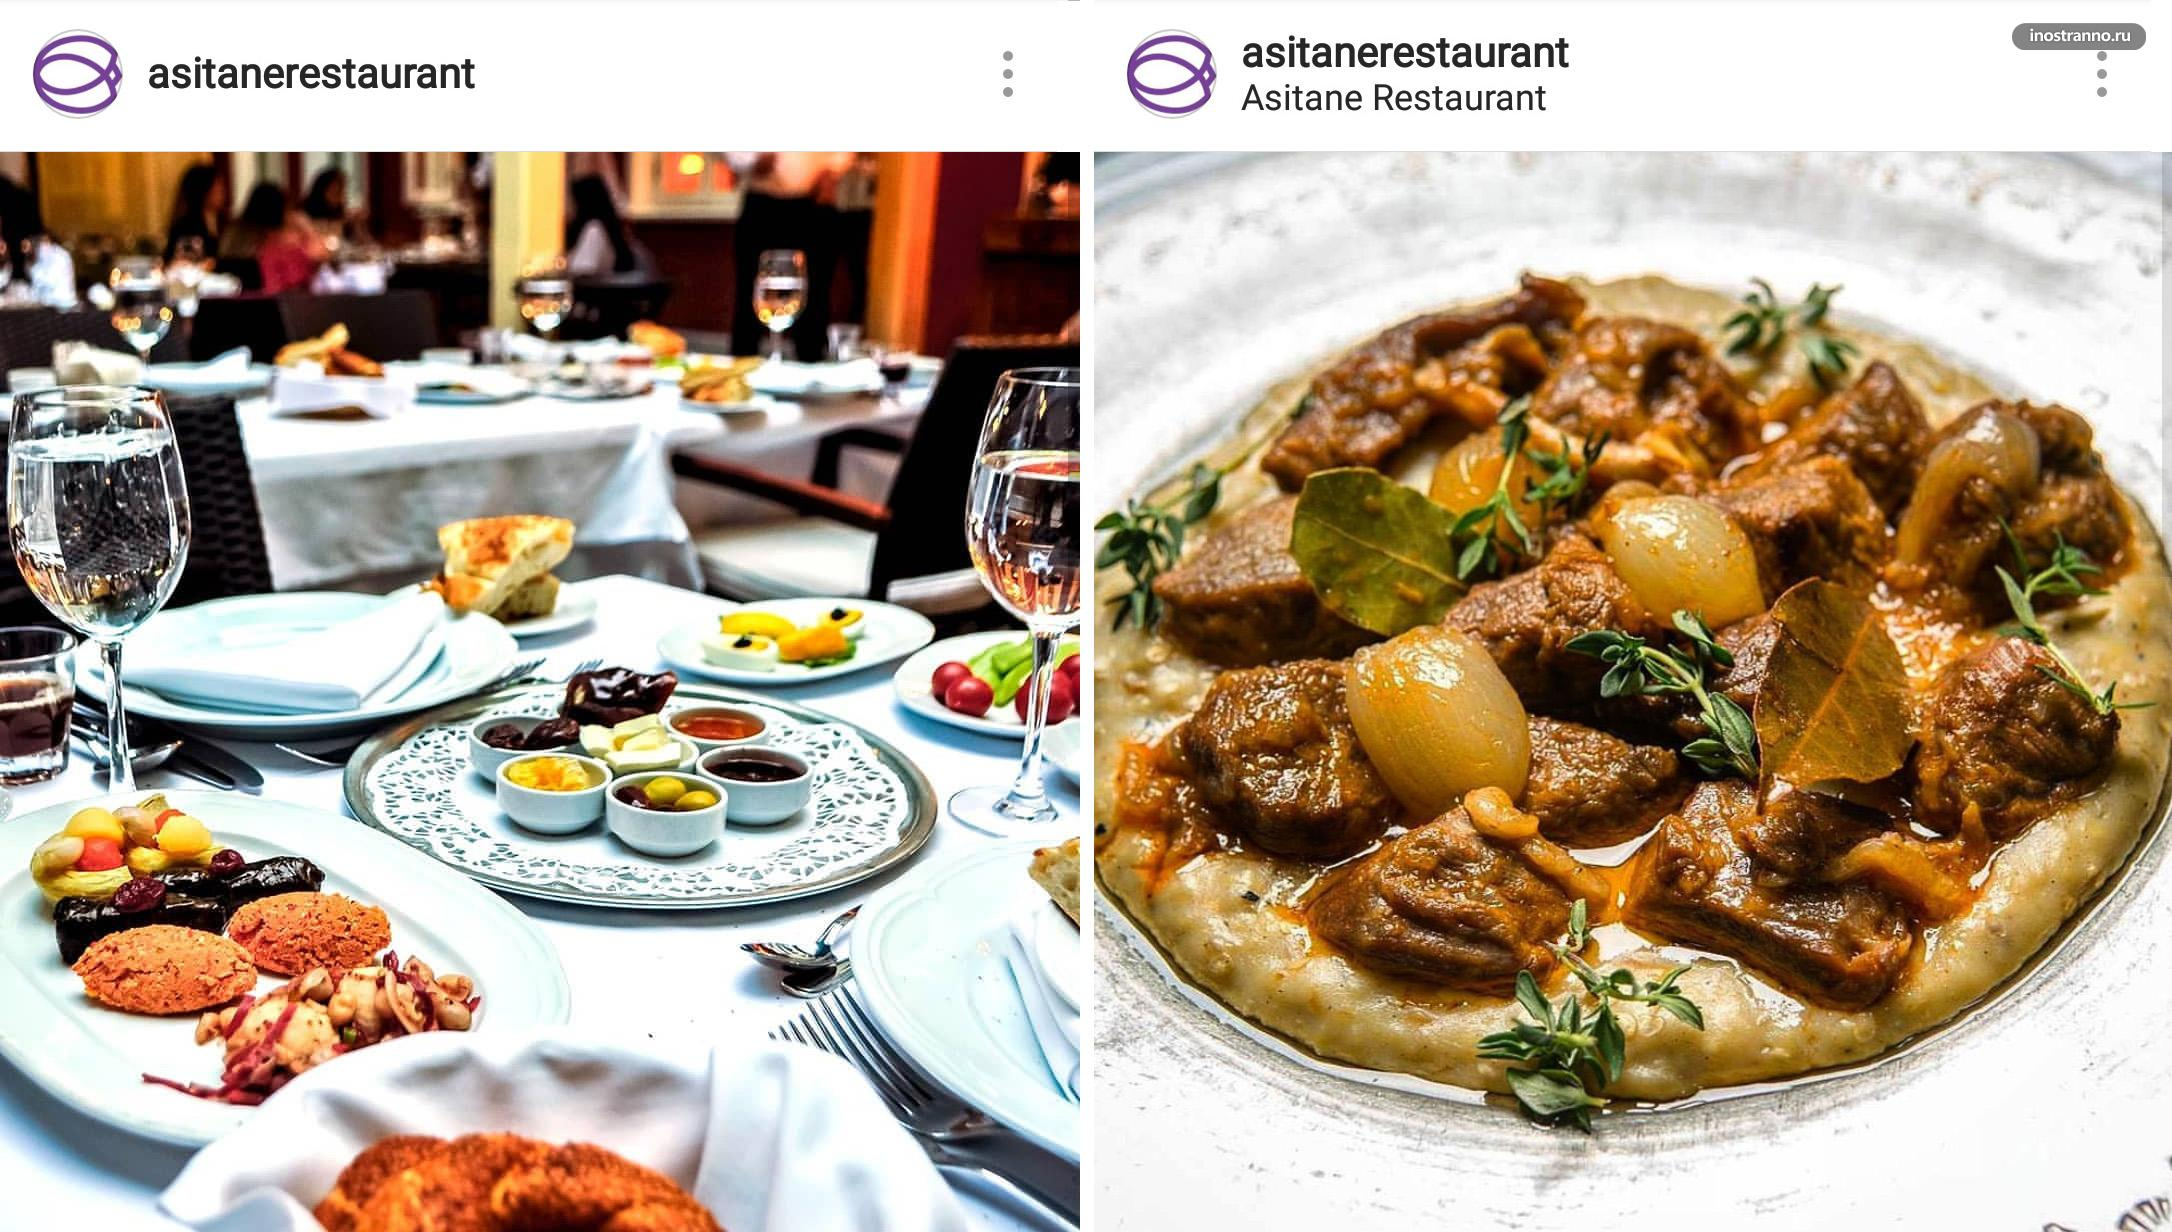 Asitane красивый ресторан традиционной турецкой кухни в Стамбуле